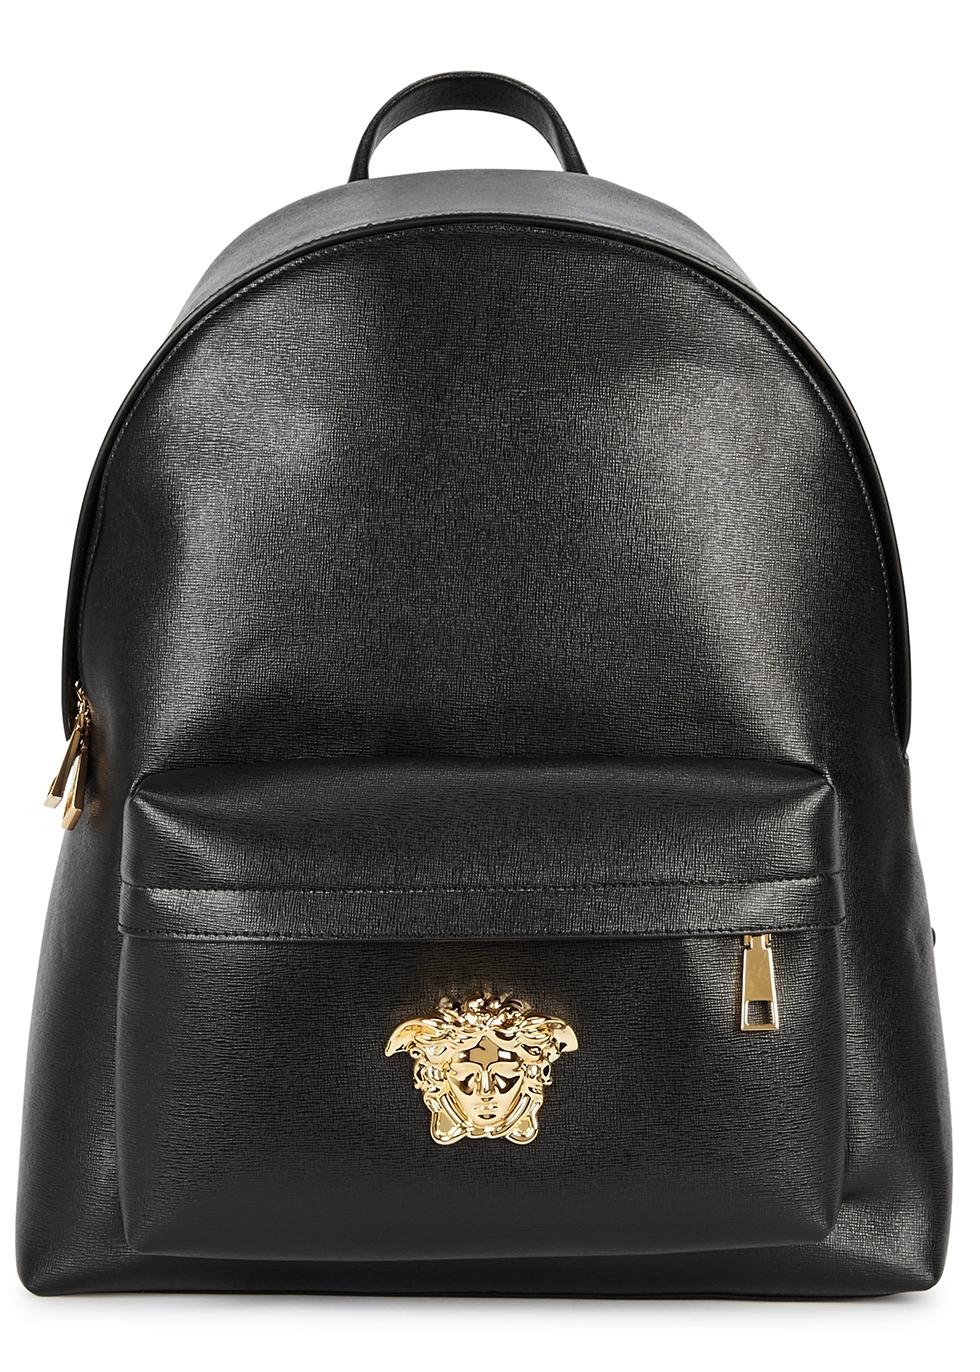 Designer Man Bags c8c38d991717e